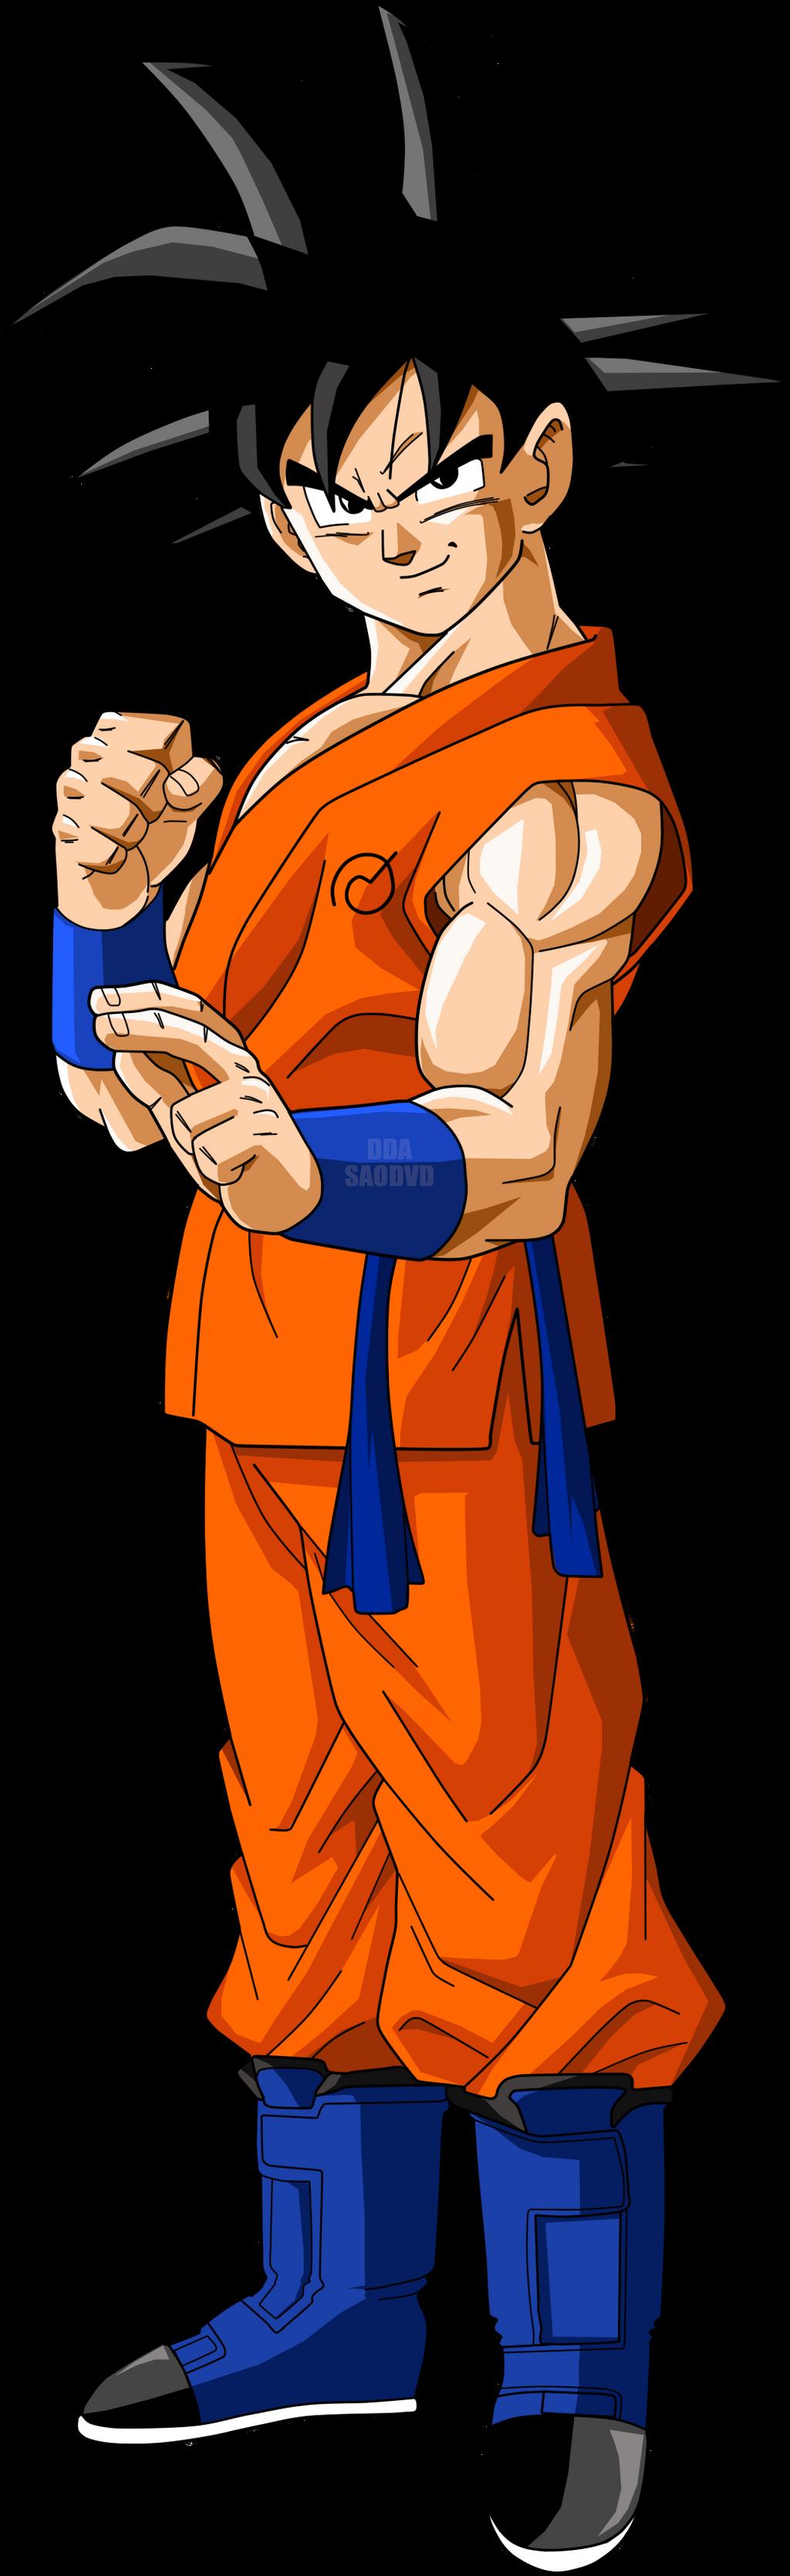 Goku fukkatsu no f by saodvd on deviantart - Son goku vegeta ...